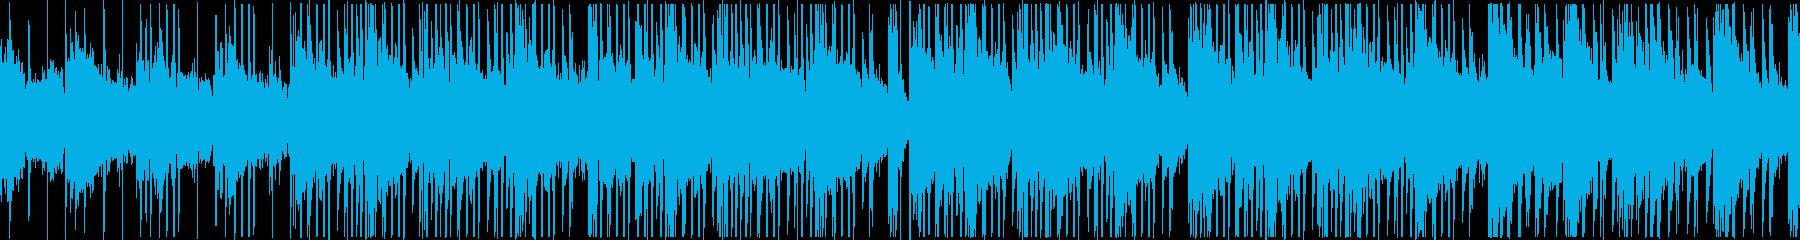 優しく、残響が心地良いLo-fi系BGMの再生済みの波形